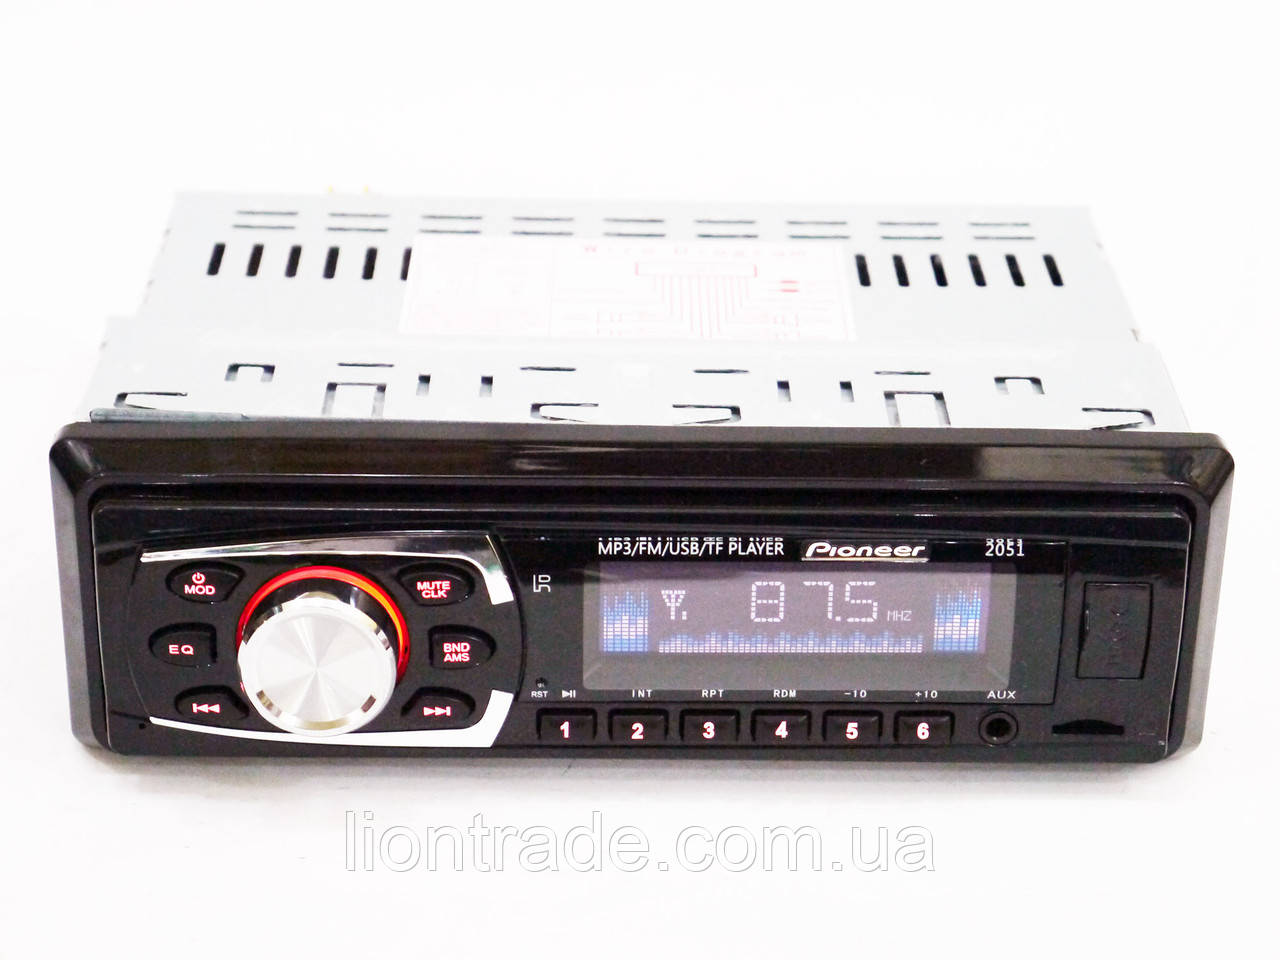 Автомагнитола Pioneer 2051 Usb+Sd+Fm+Aux+ пульт (4x50W)